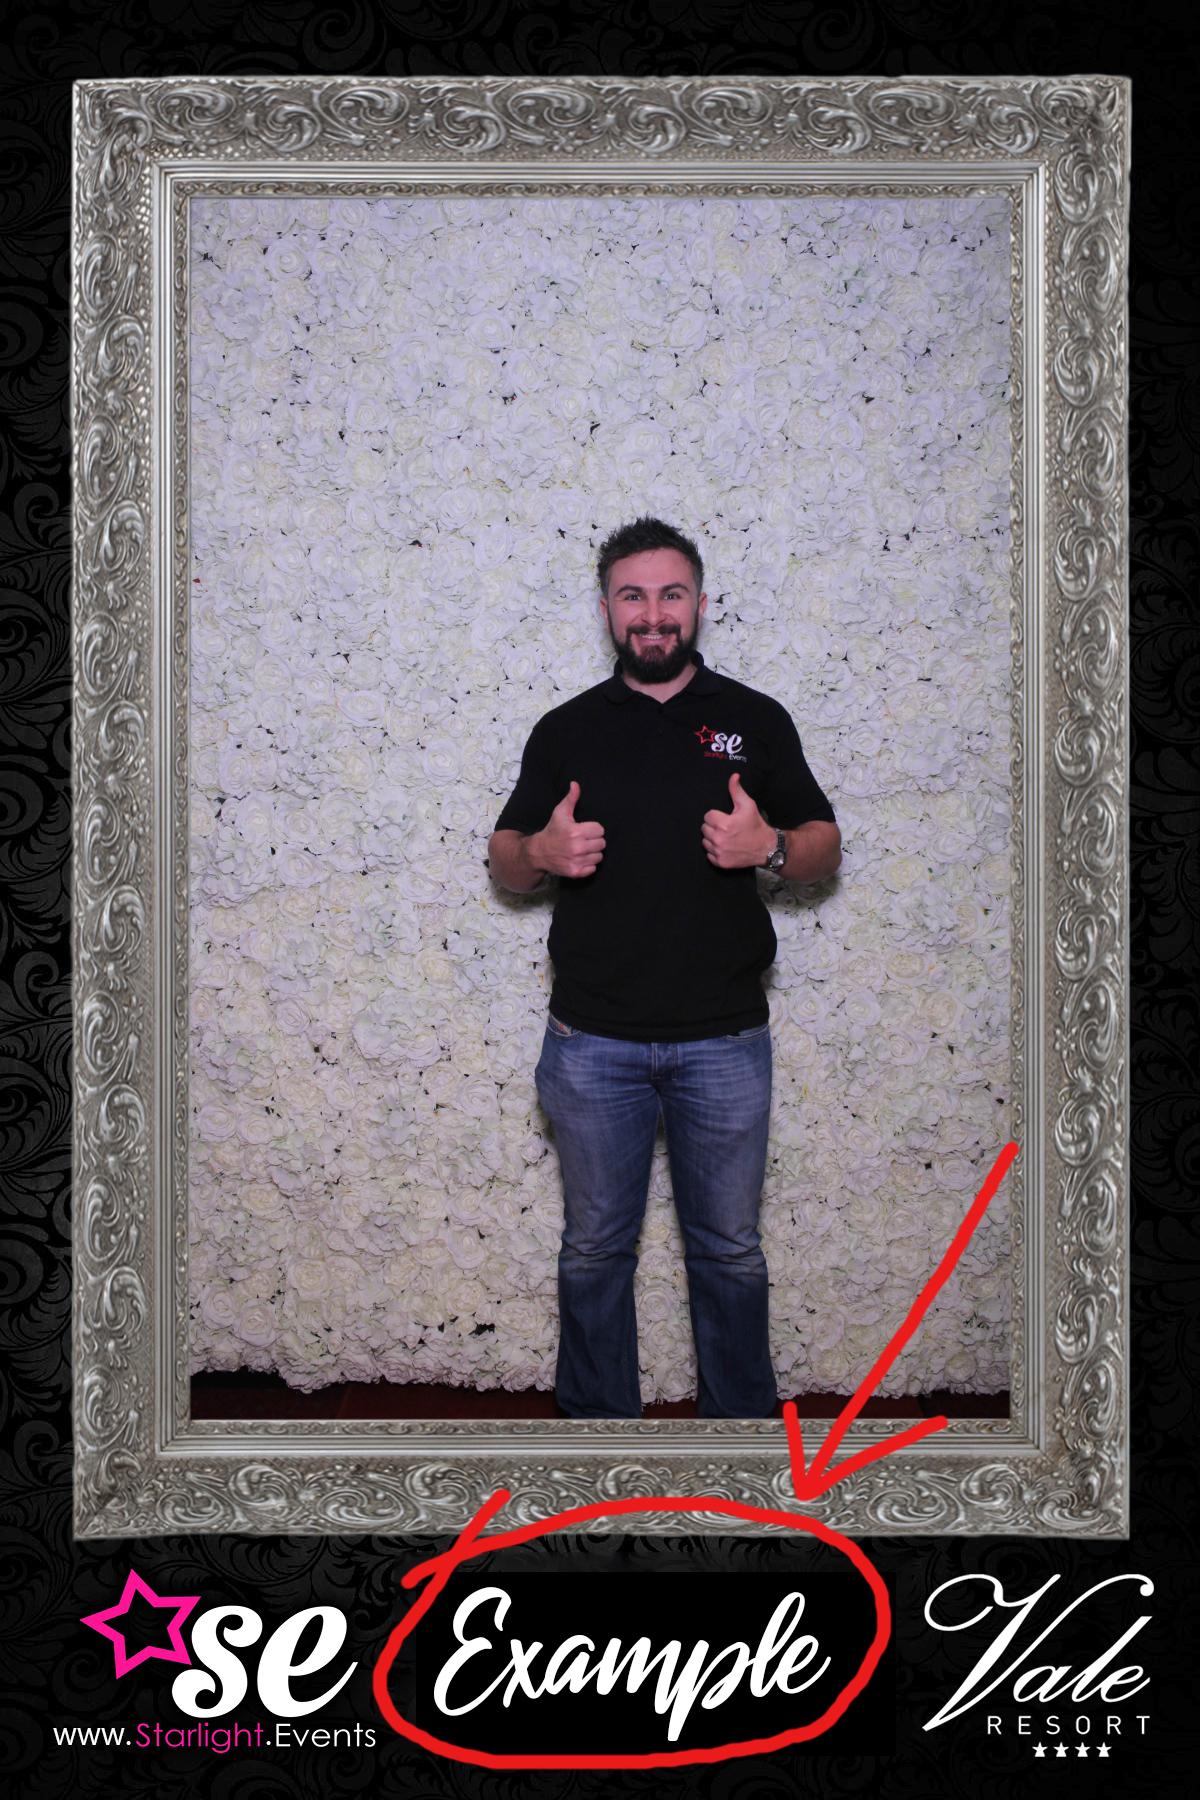 Selfie Mirror Log In